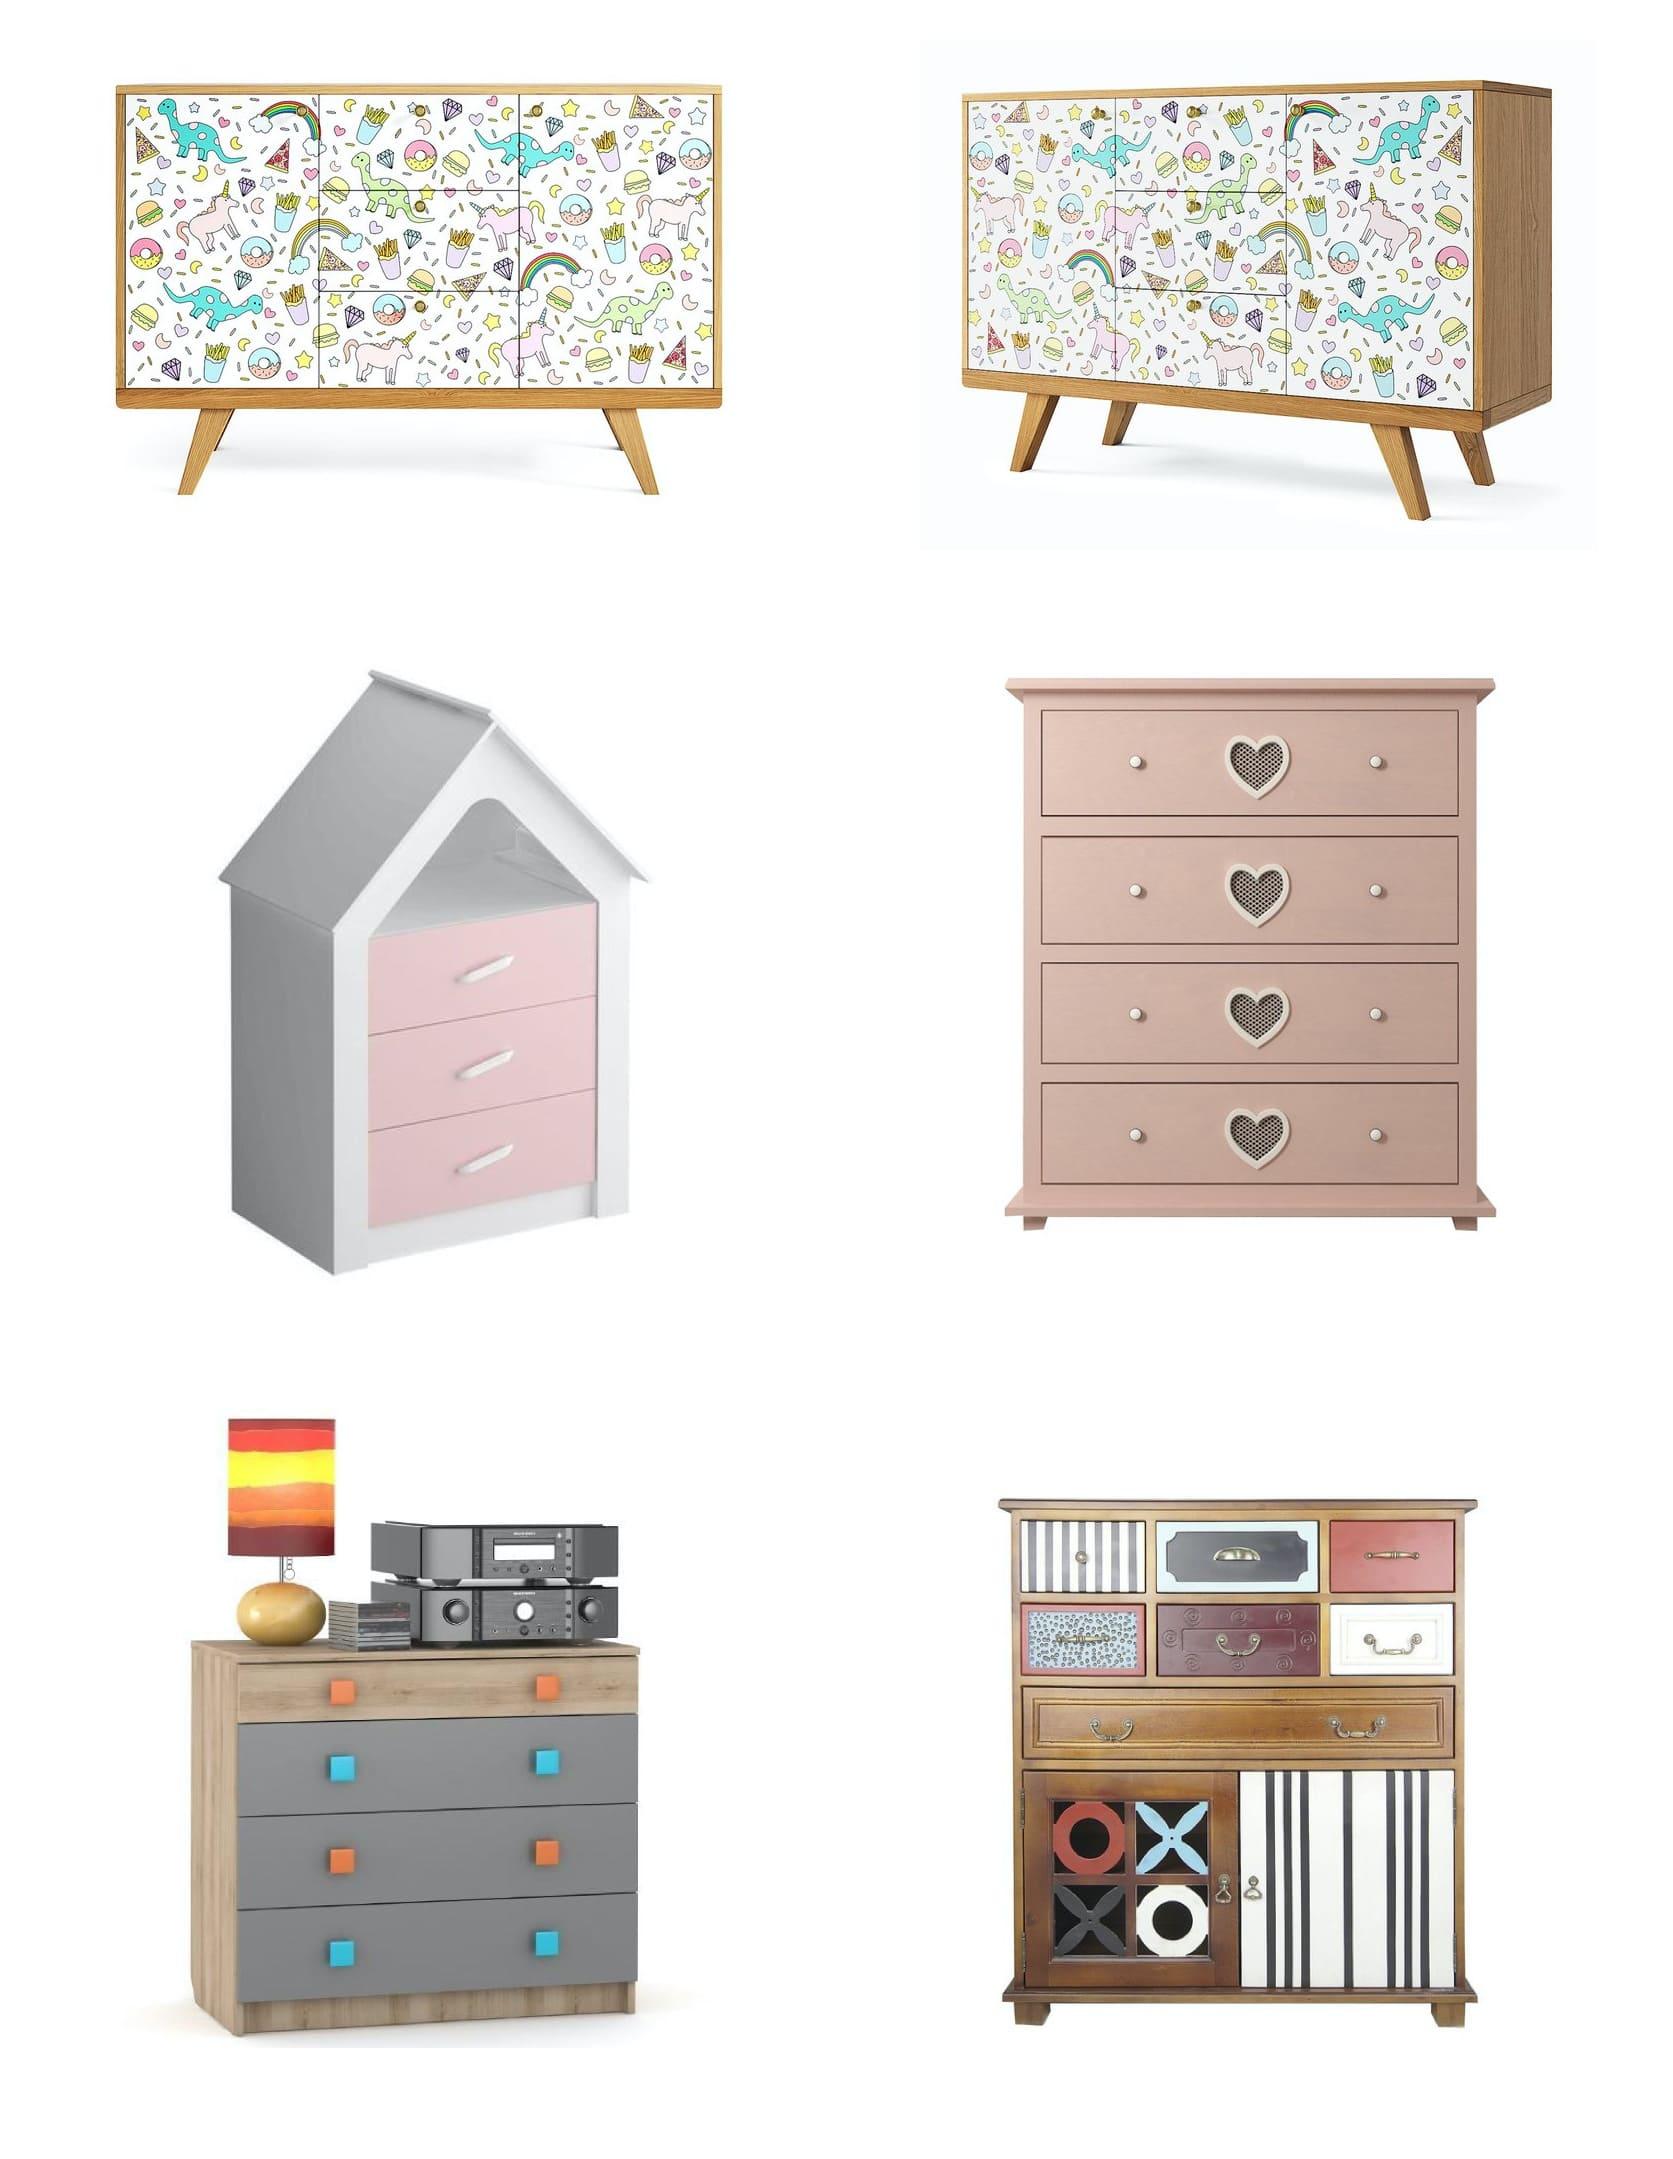 мебель для детской комнаты девочки фото 1